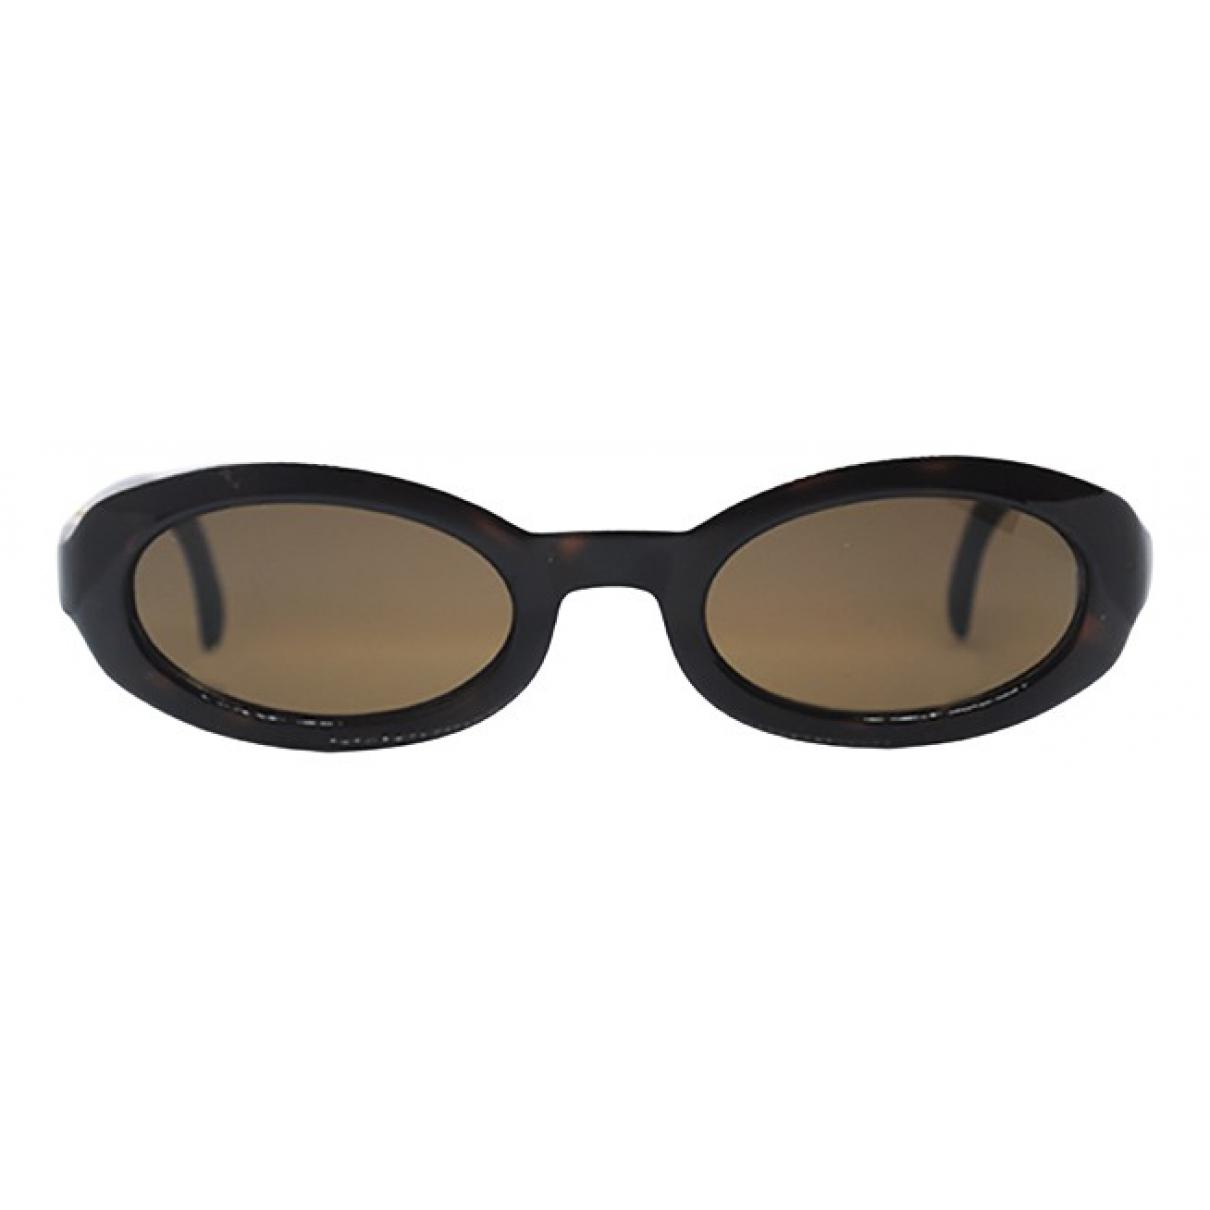 Karl Lagerfeld - Lunettes   pour femme - marron